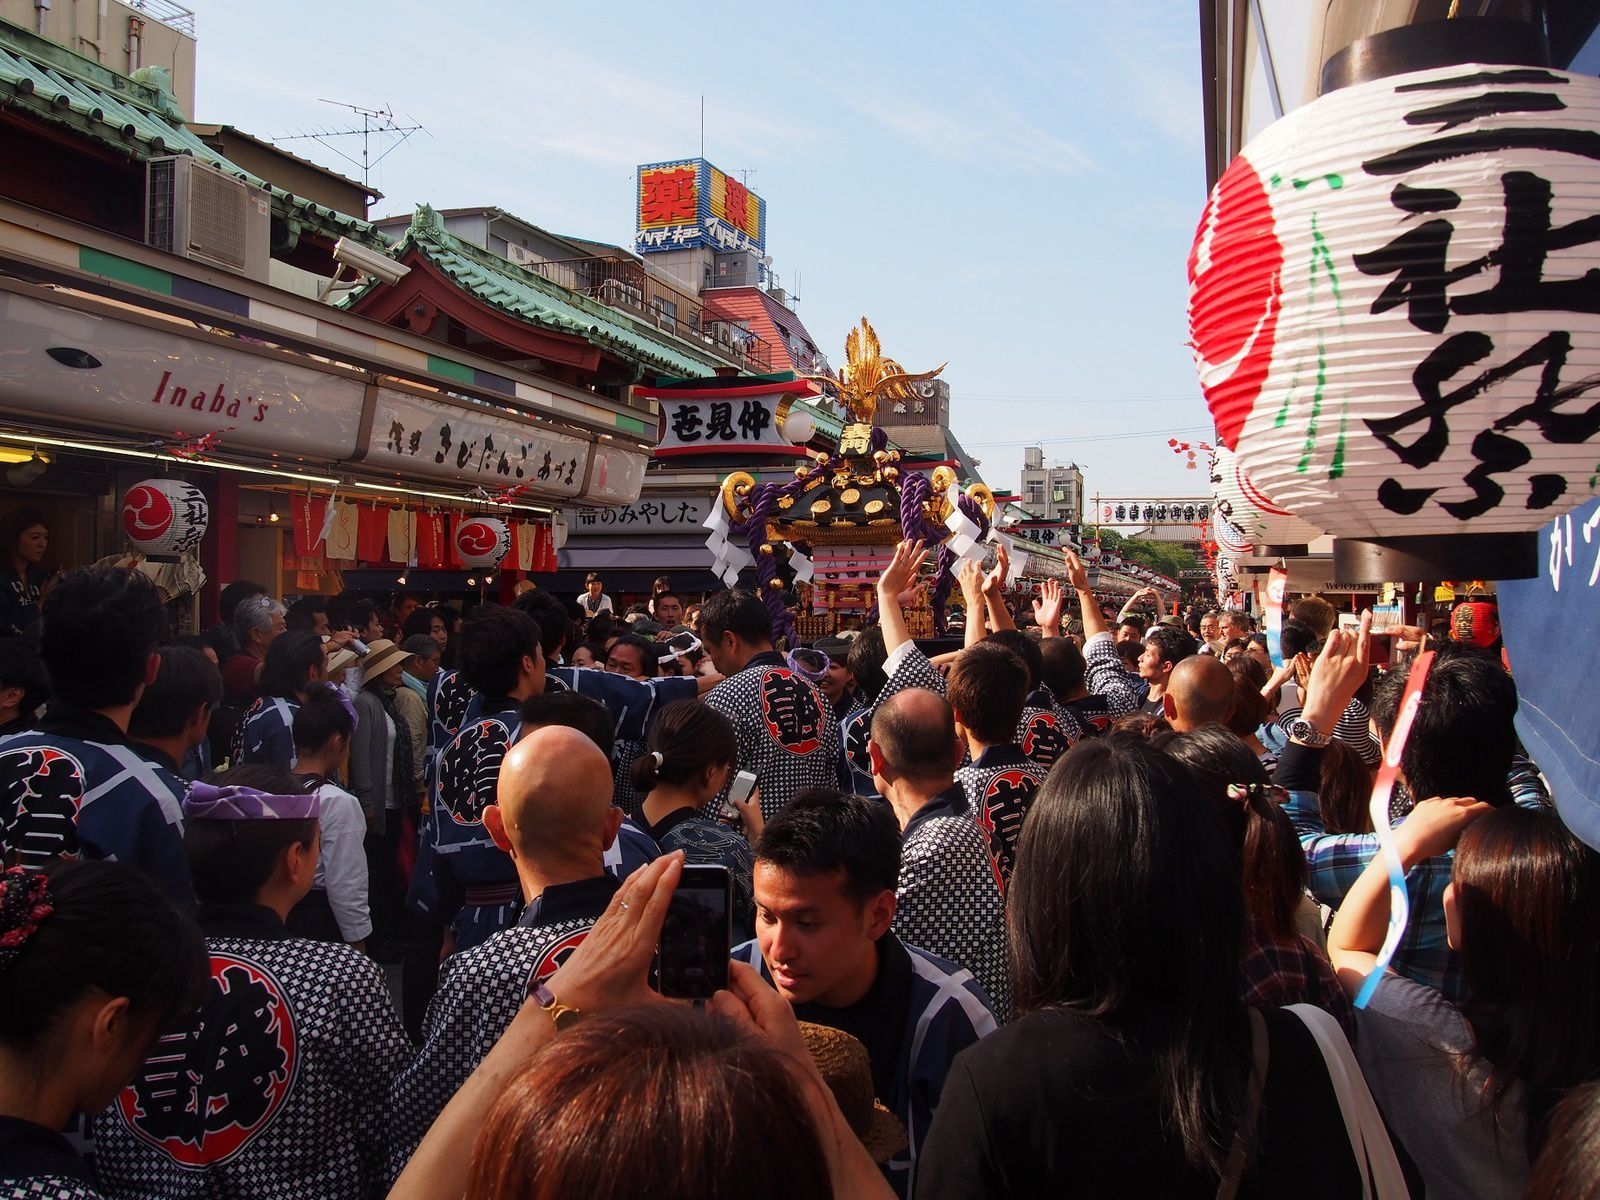 TOKYO ASAKUSA SANJA MATSURI 2014